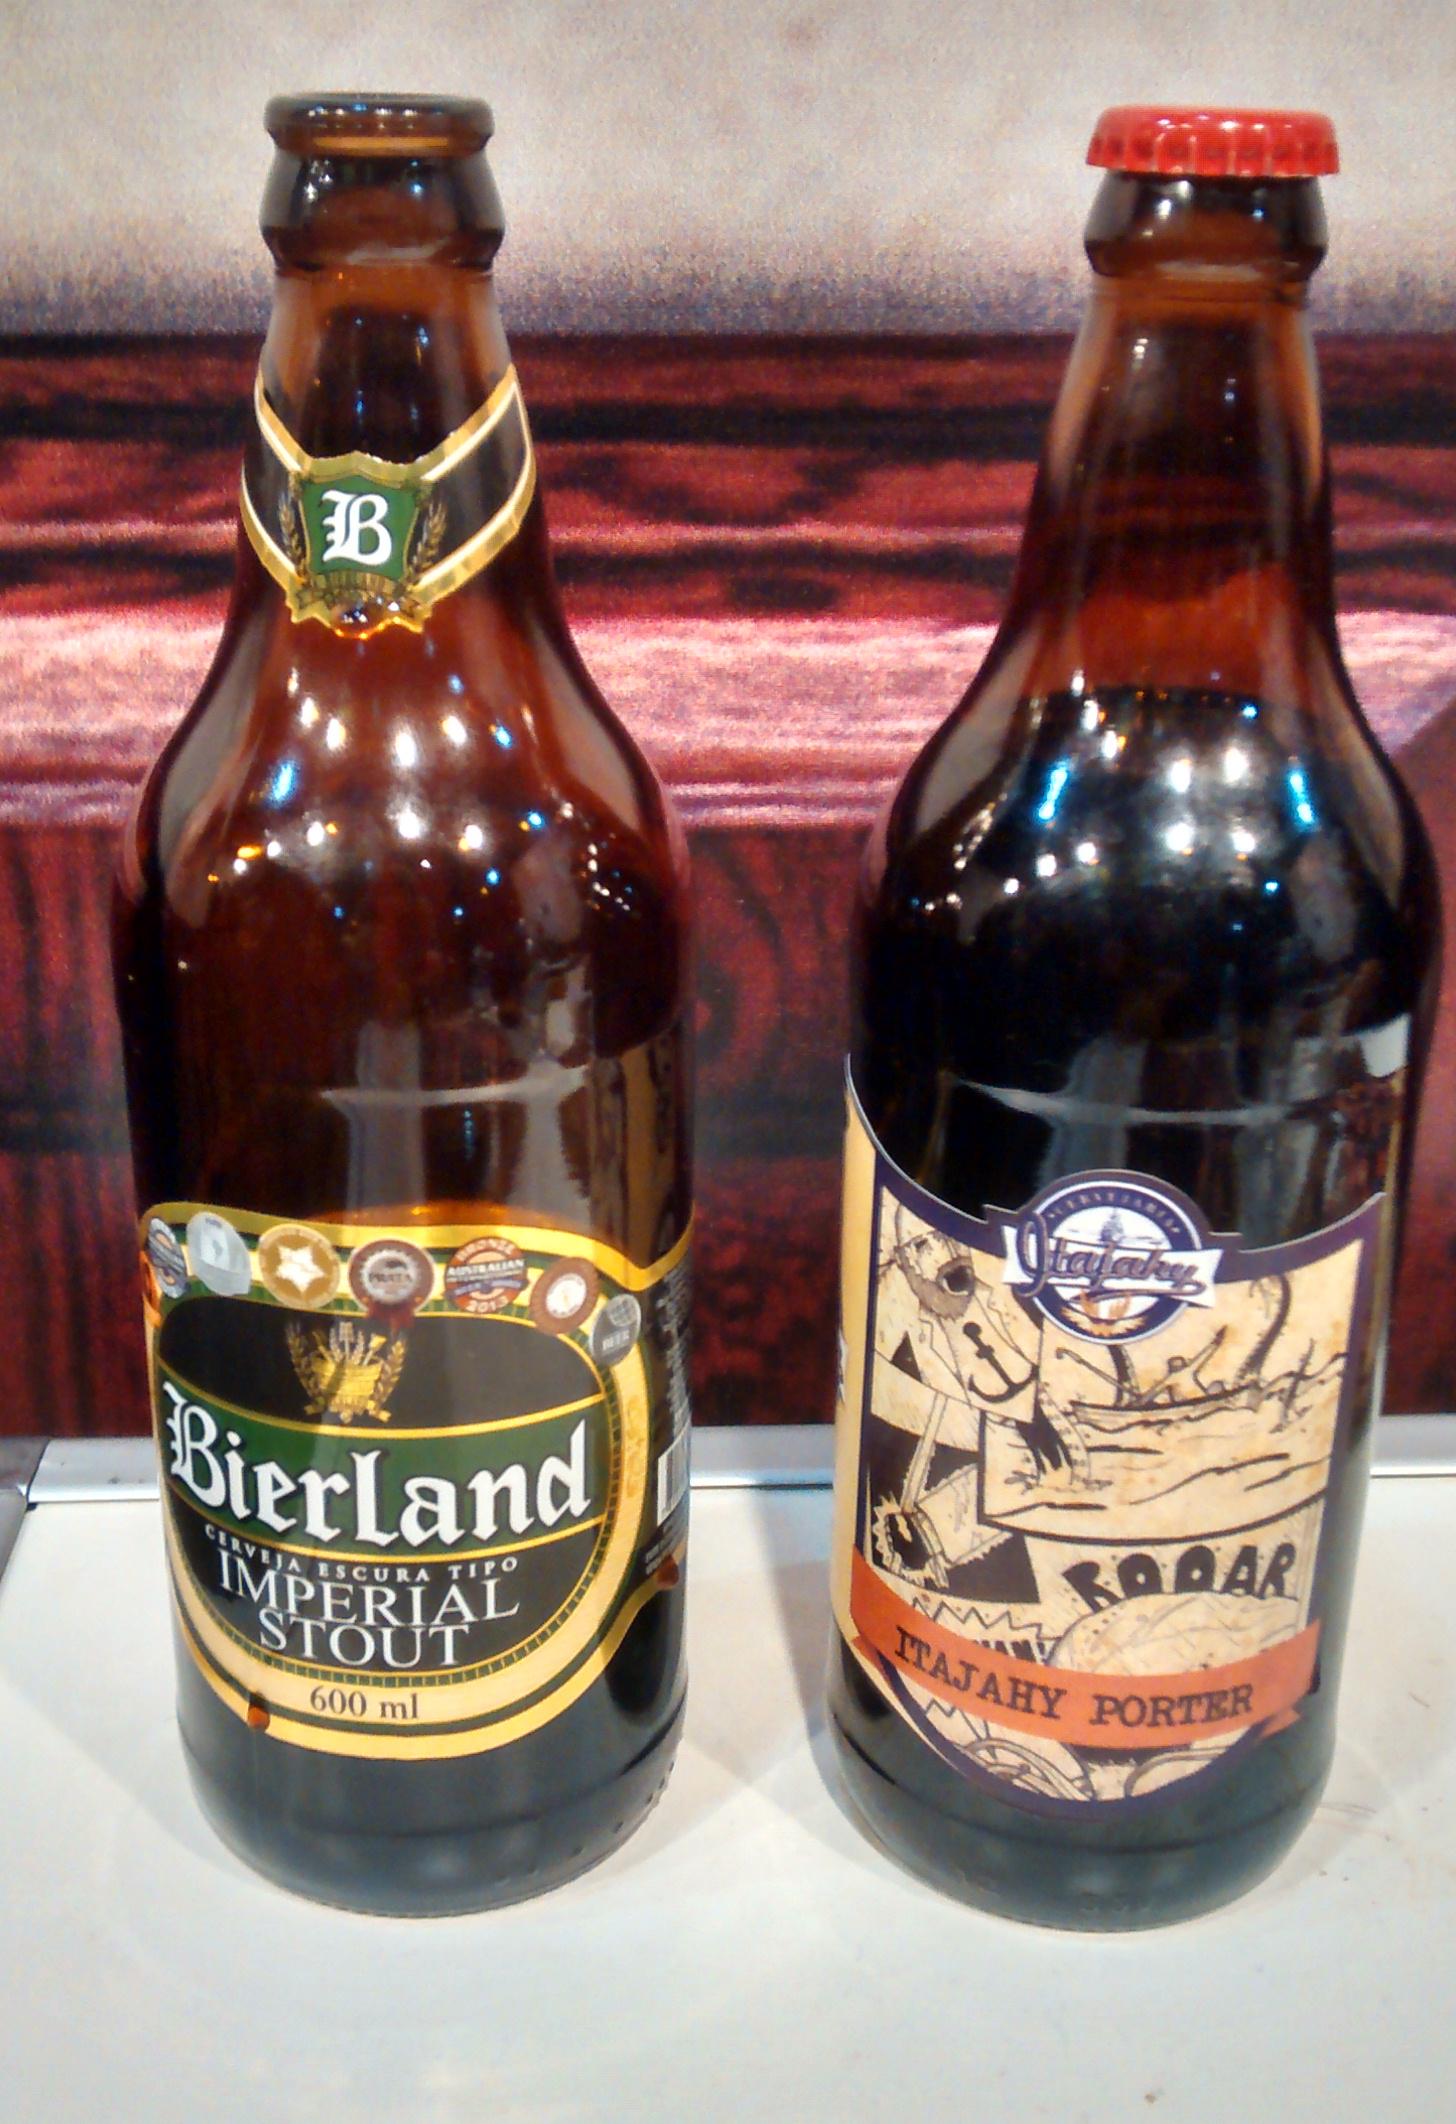 Itajahy Porter e Bierland Imperial Stout figuram no top 10 do 9º Italian Beer Festival